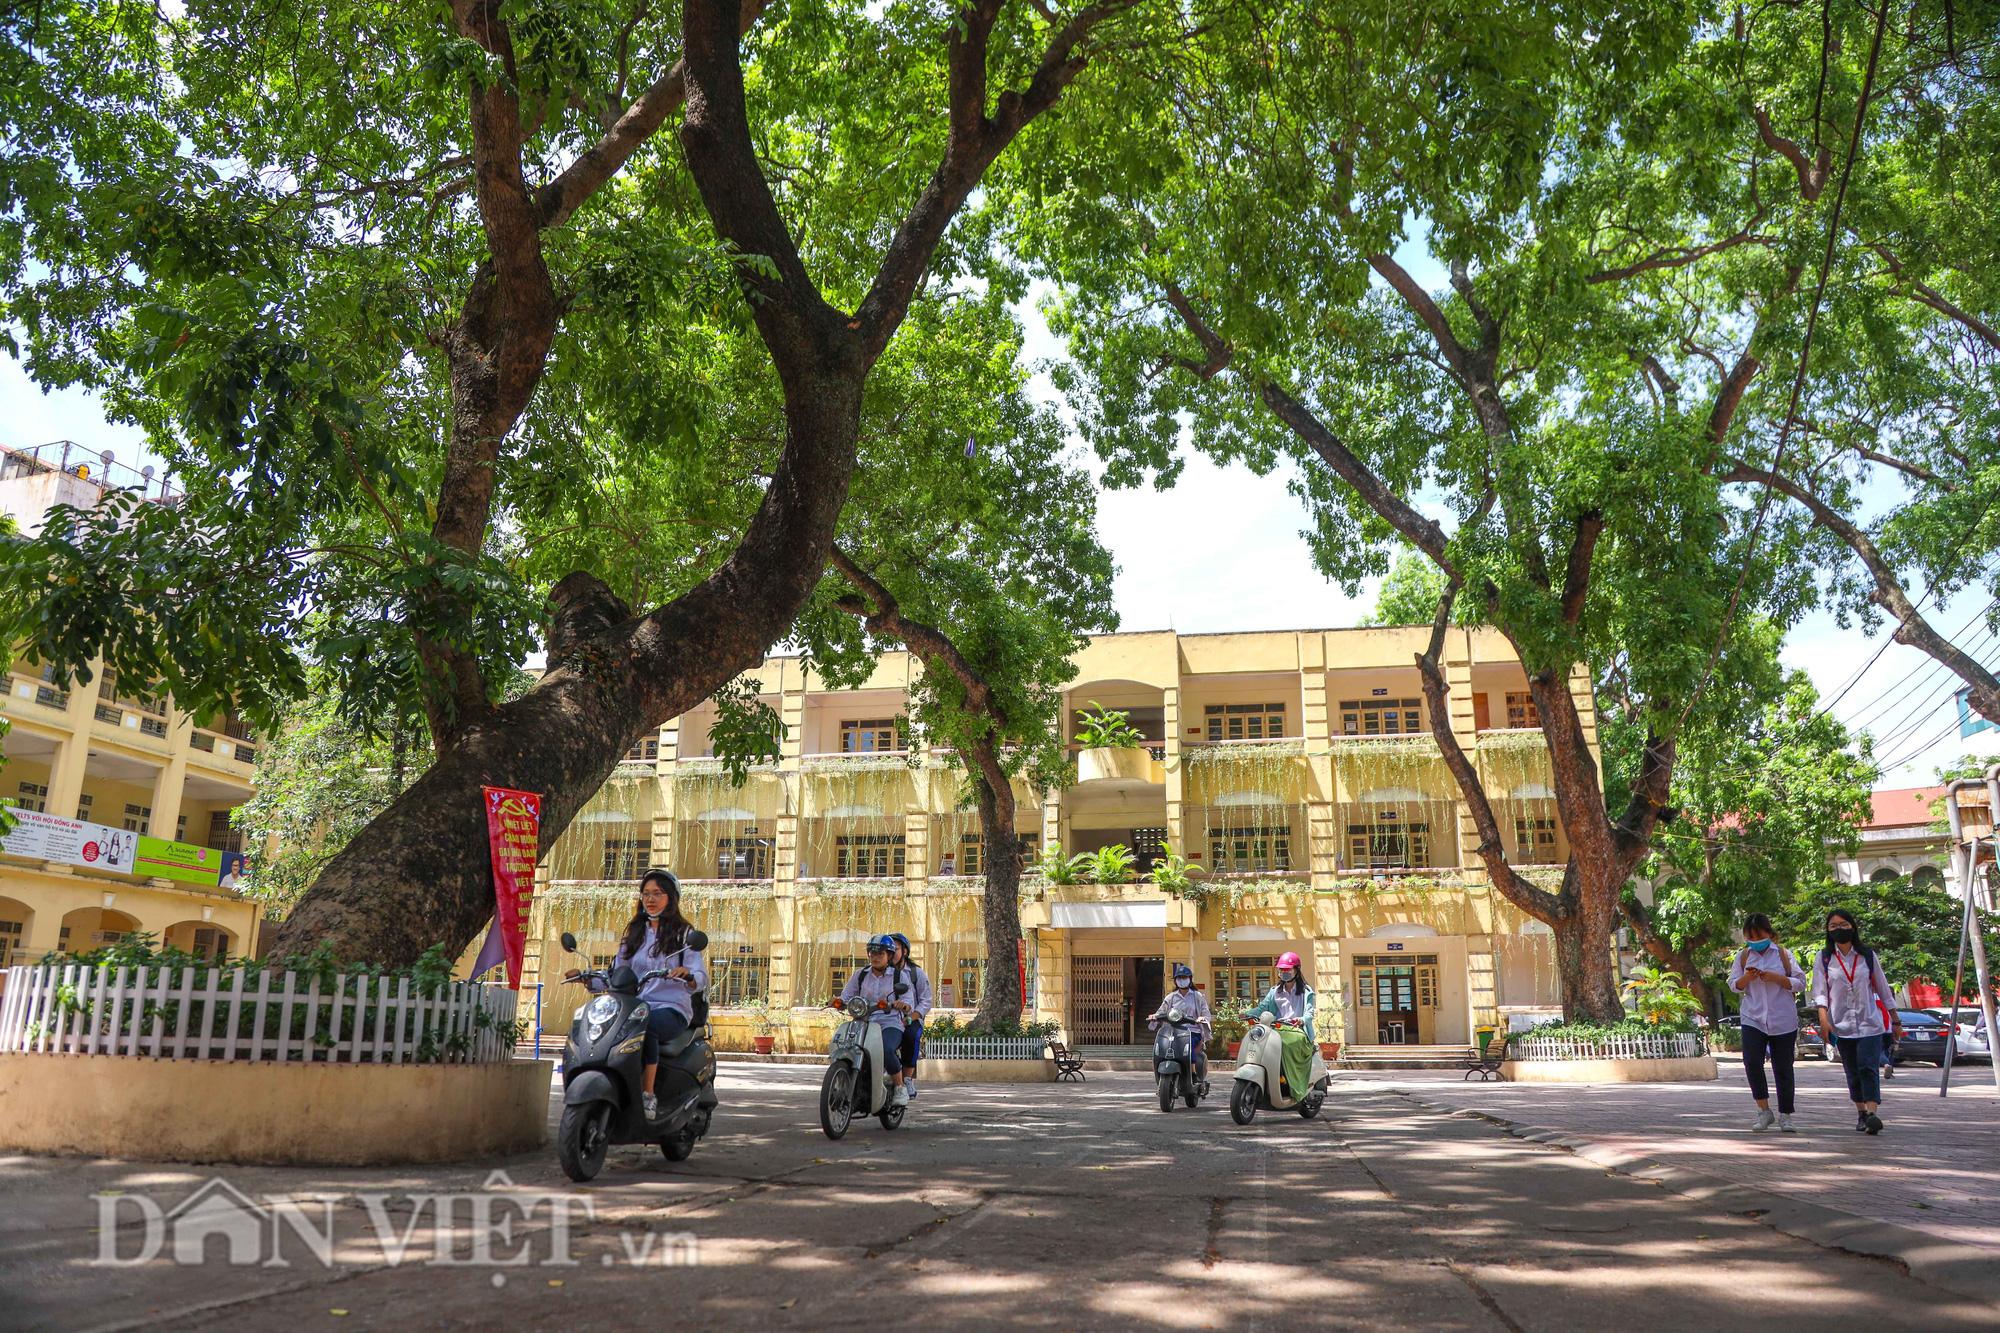 Học sinh Hà Nội không hề lo sợ dù ngồi giữa sân trường đầy cây cổ thụ - Ảnh 14.